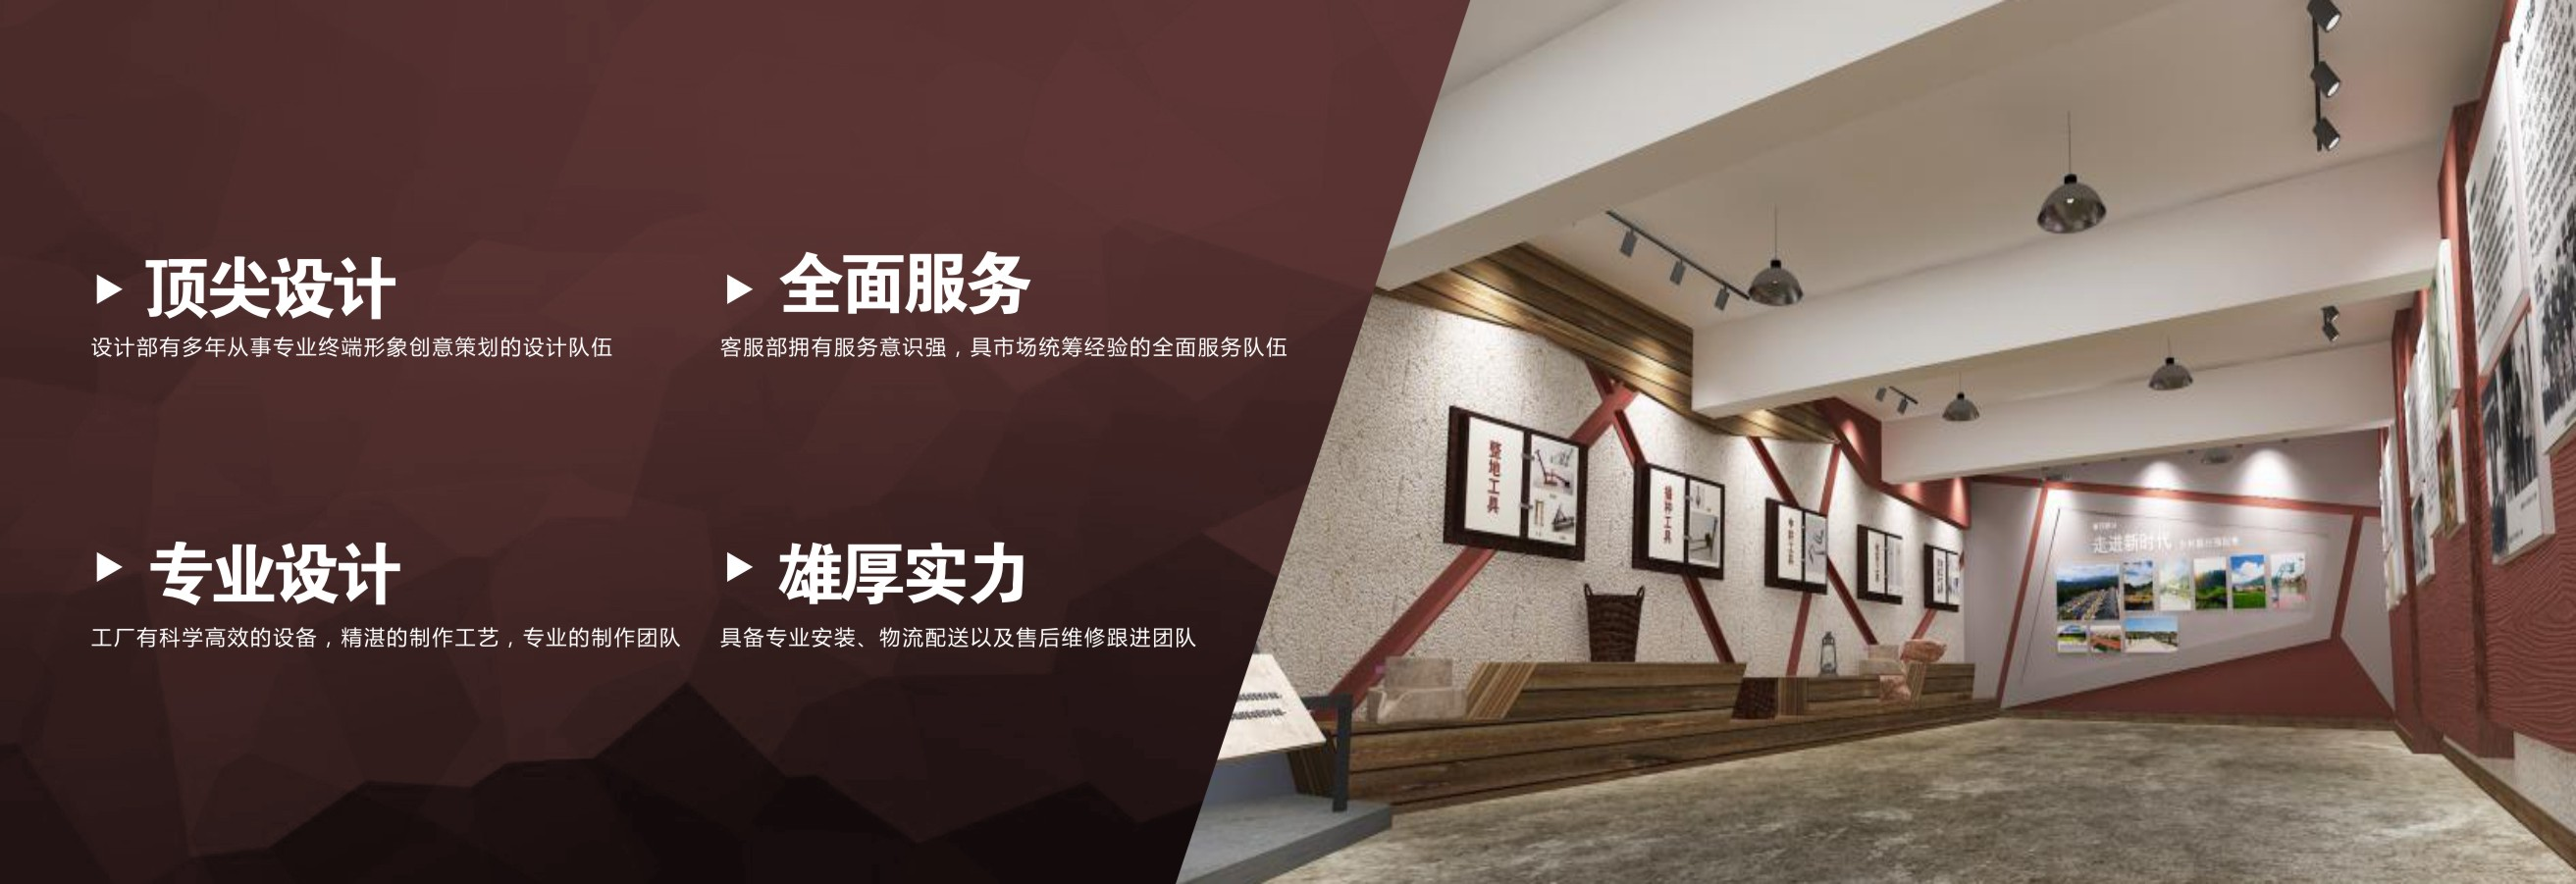 烟台展厅设计